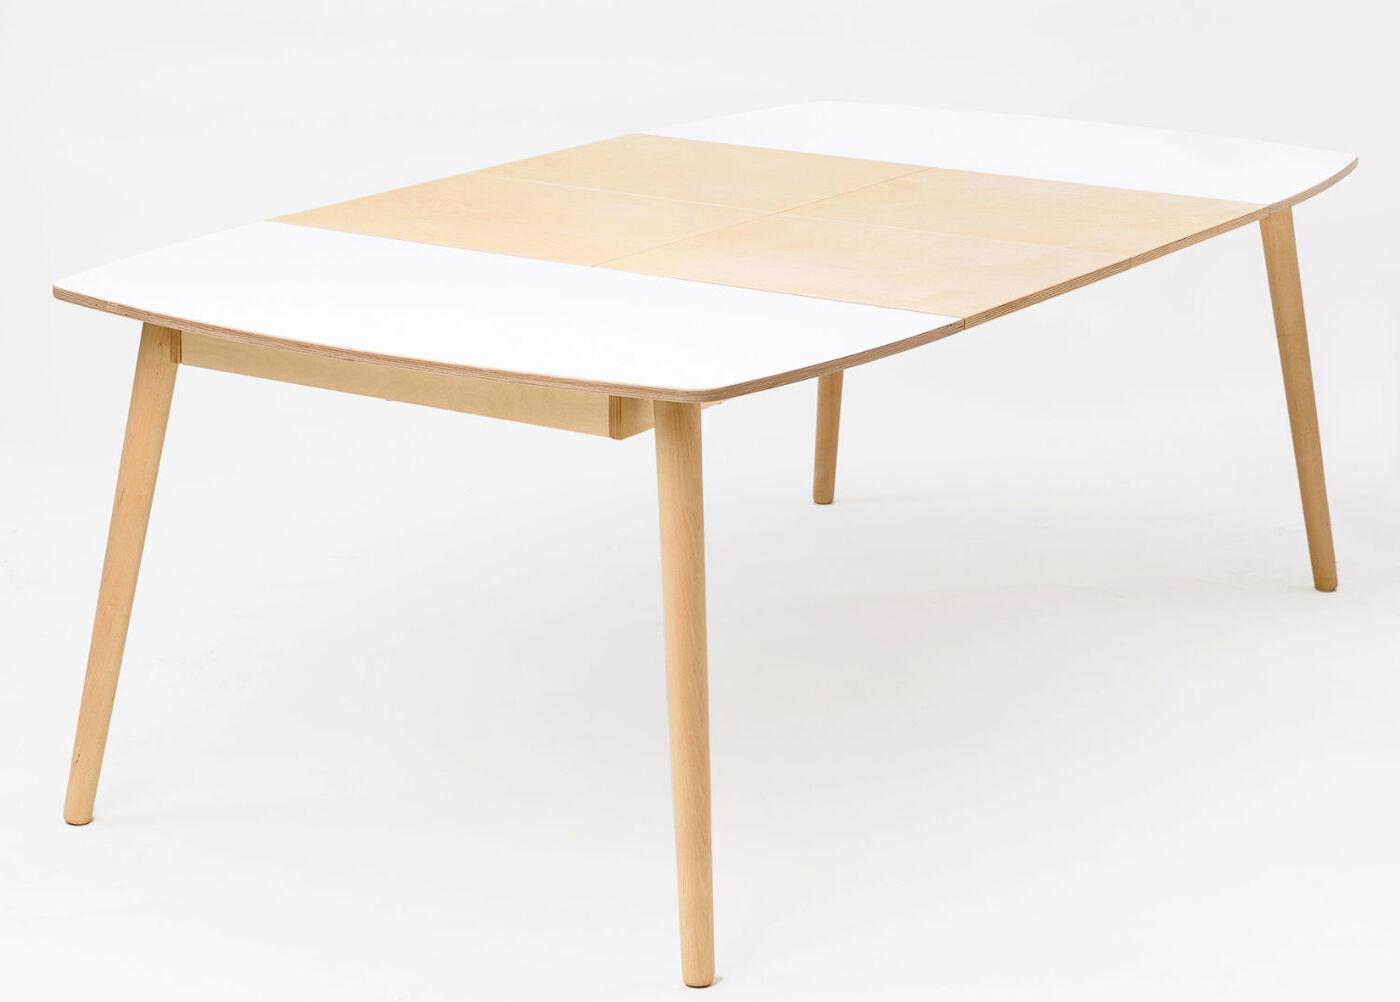 Radis jatkettava ruokapöytä Nam-Nam 120x120-220 cm